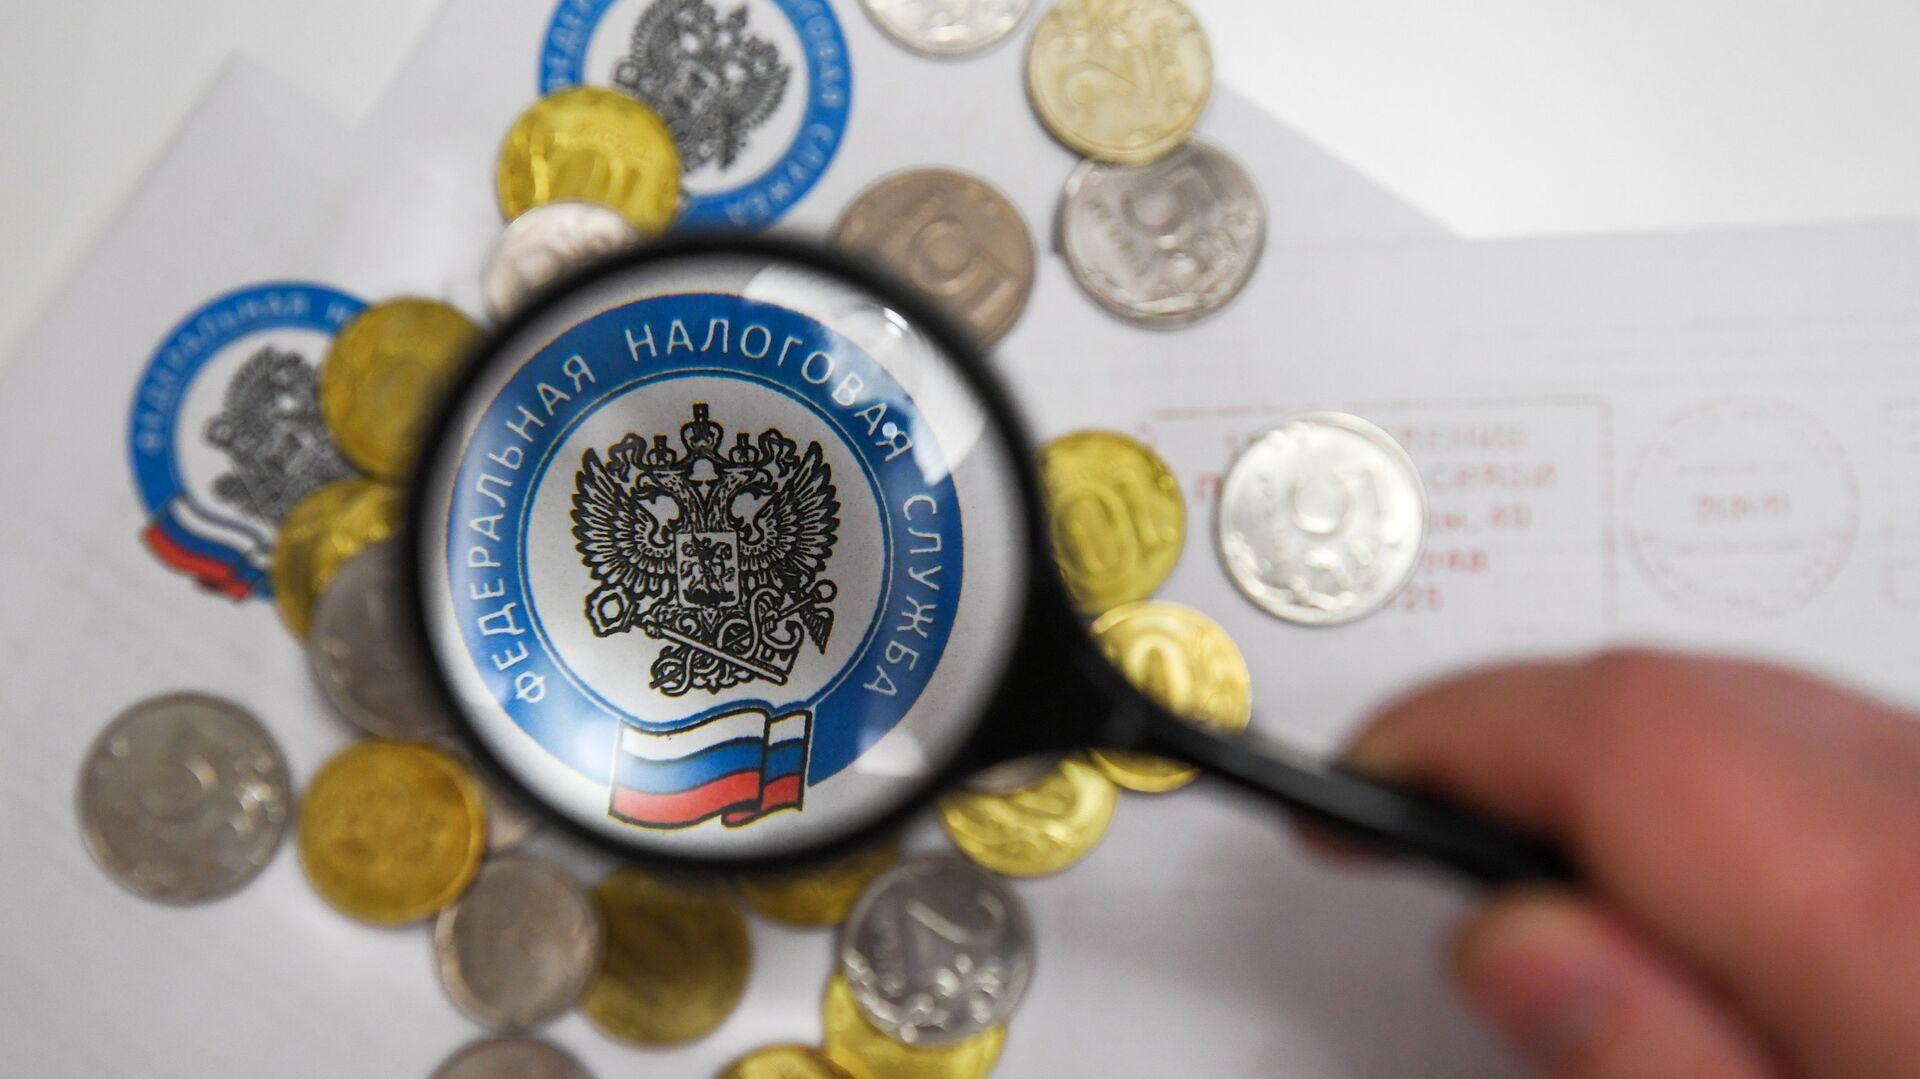 Монеты и конверты с логотипом ФНС РФ - РИА Новости, 1920, 02.09.2020